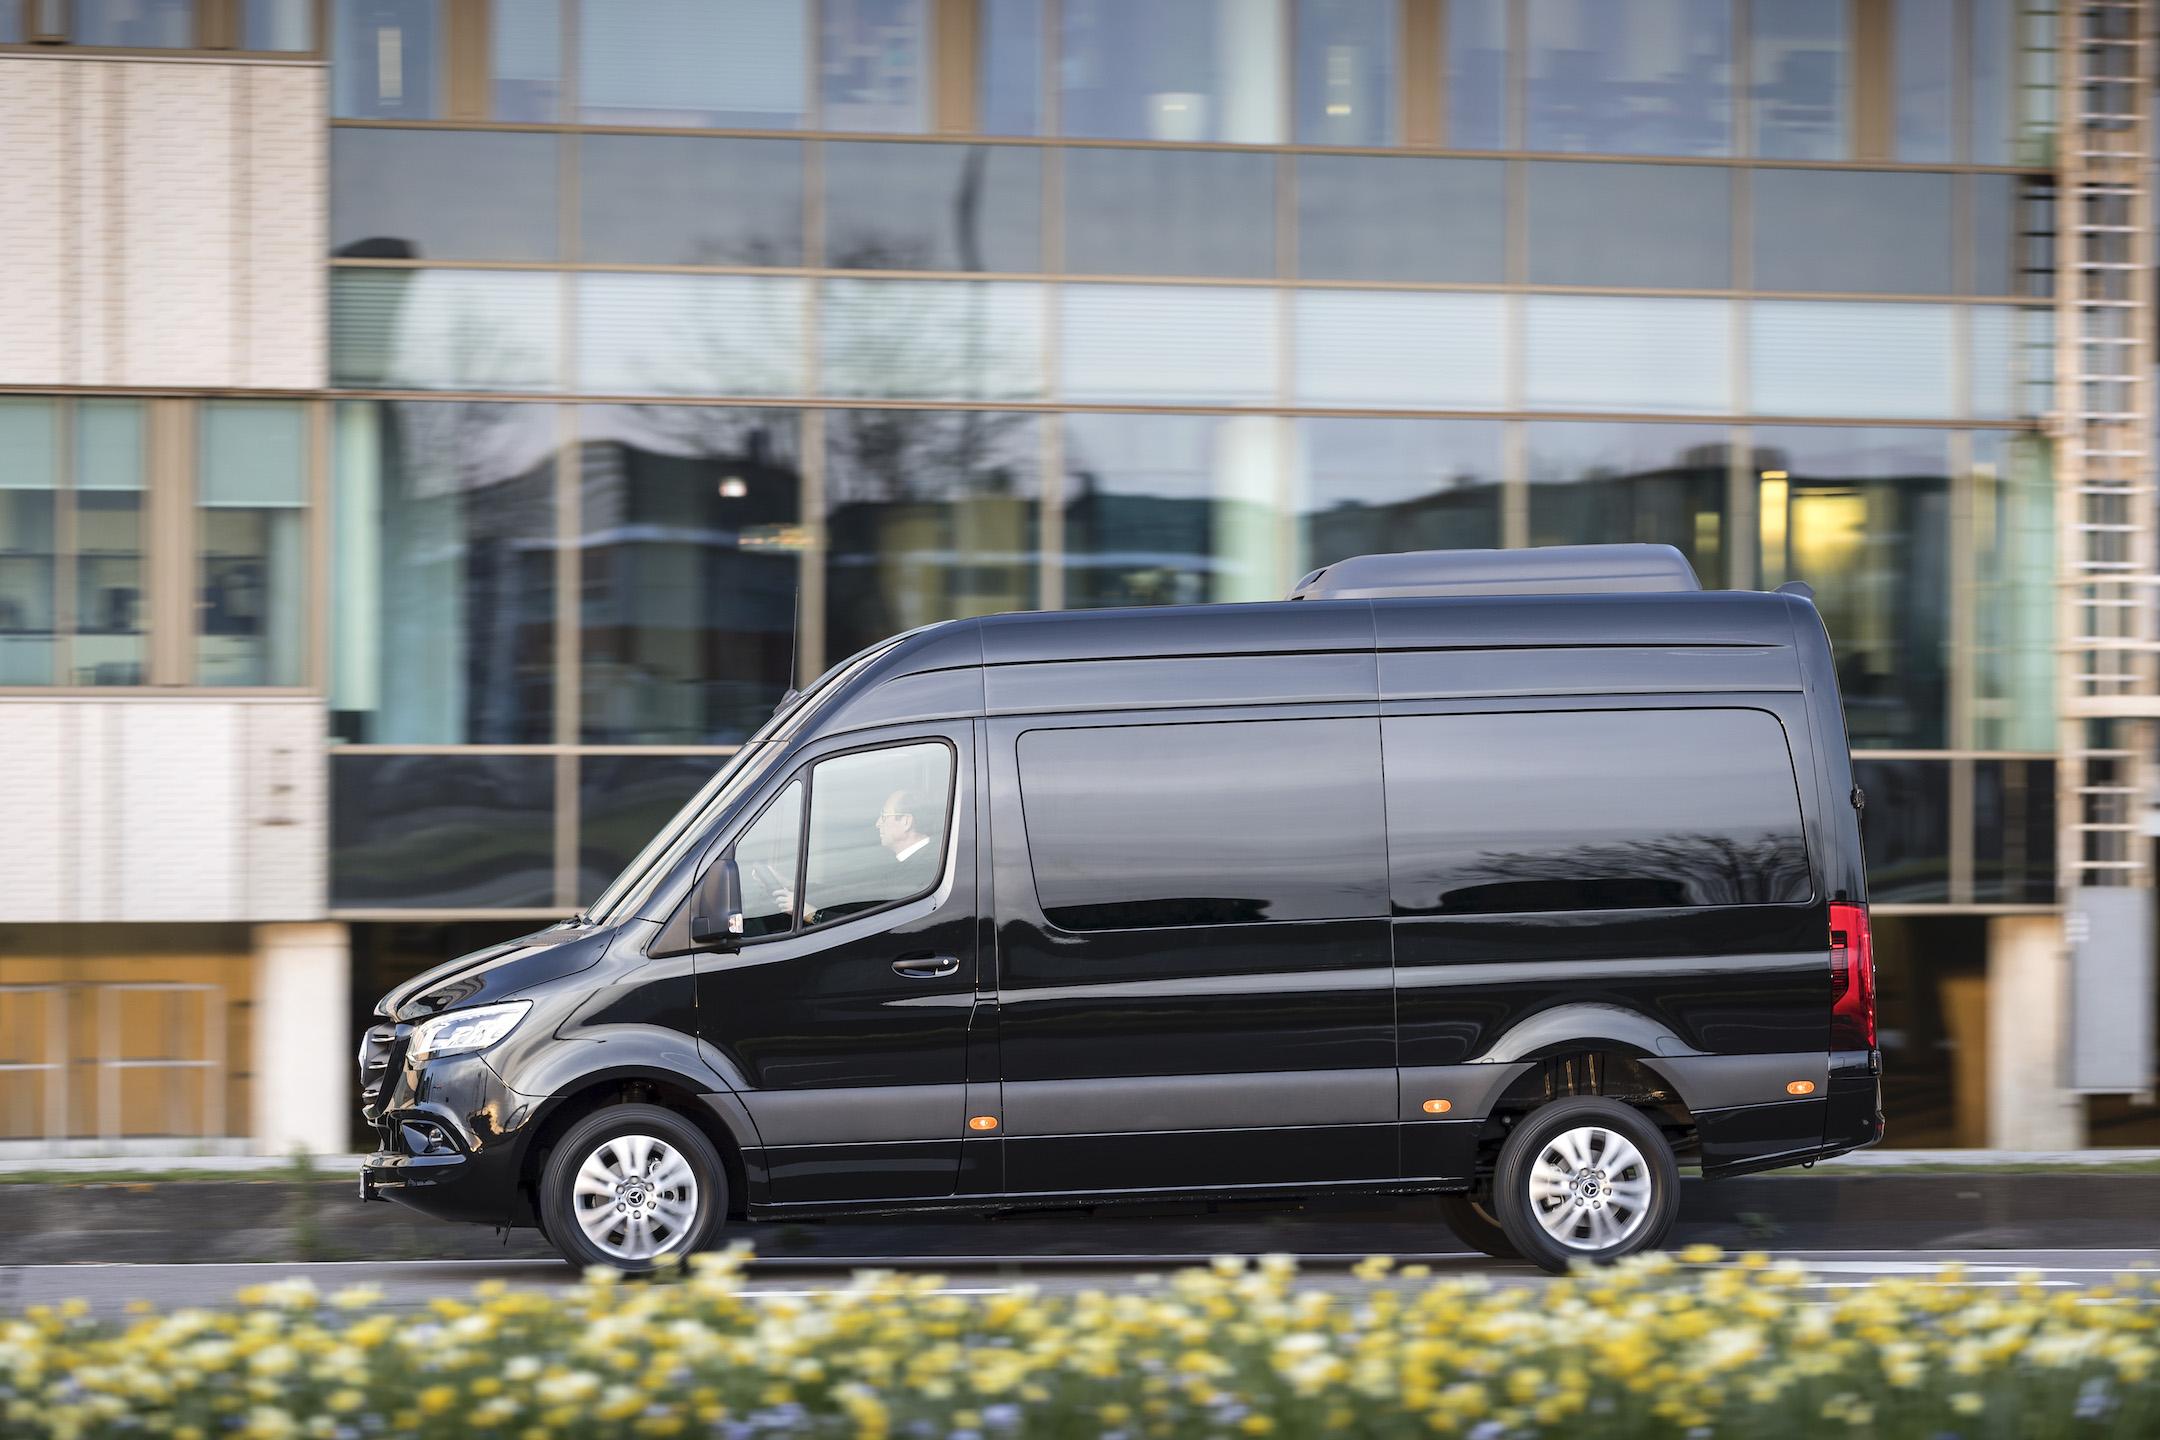 Pressefahrvorstellung Mercedes-Benz Sprinter, Amsterdam 2018 // Press test drive Mercedes-Benz Sprinter, Amsterdam 2018